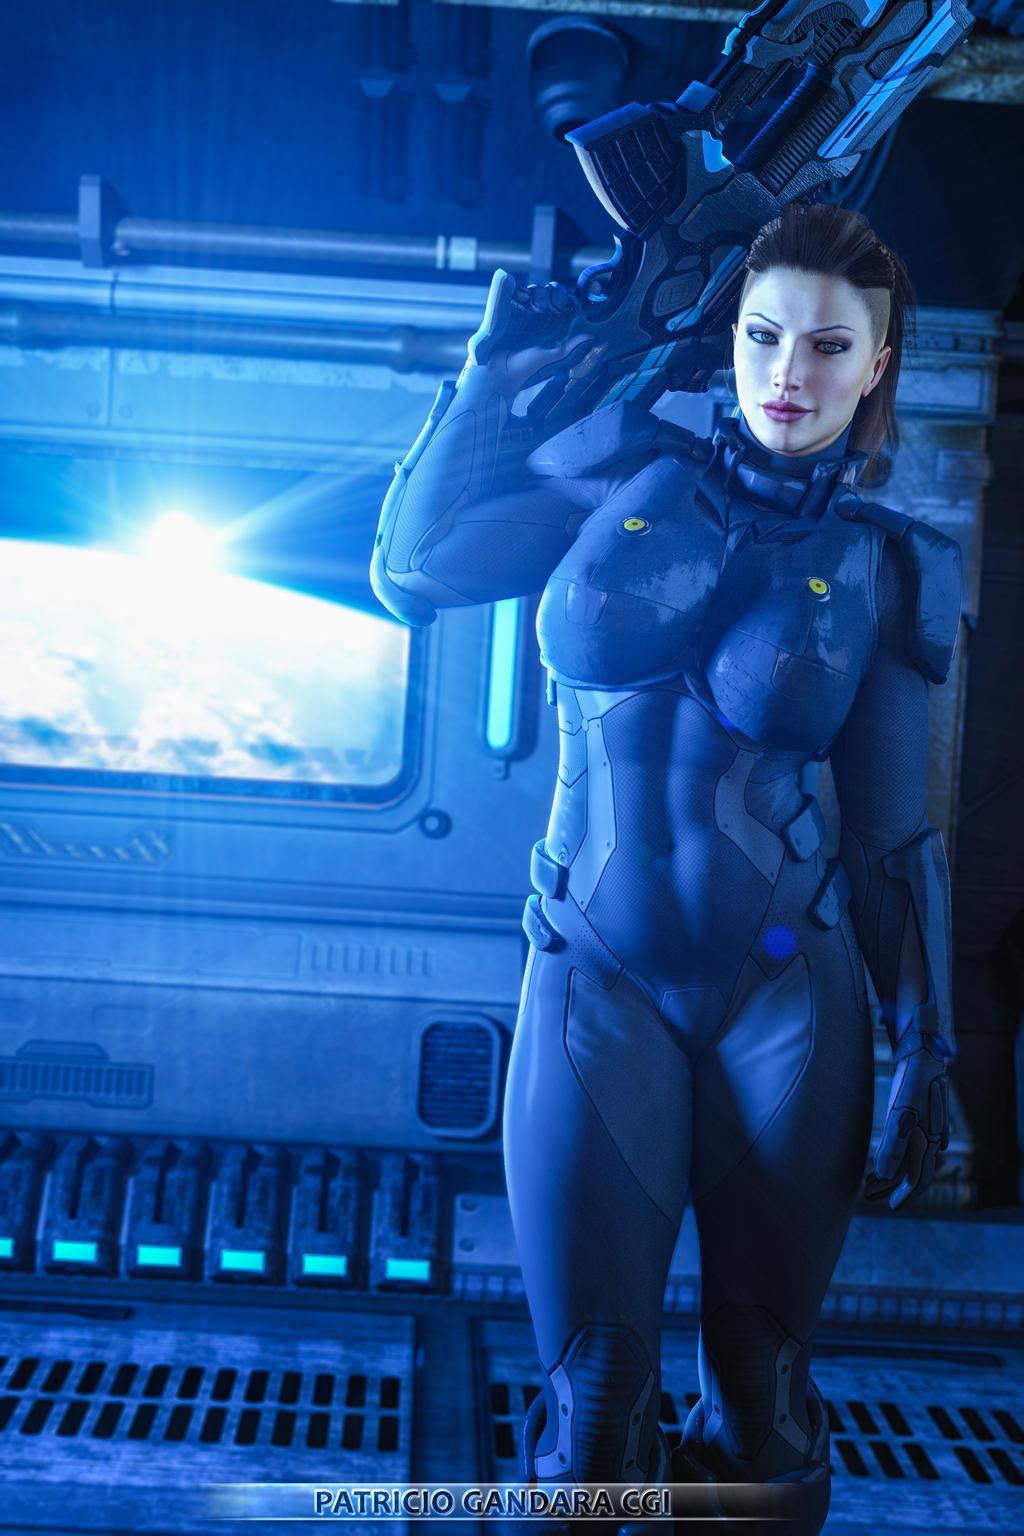 Irene the Crew Soldier